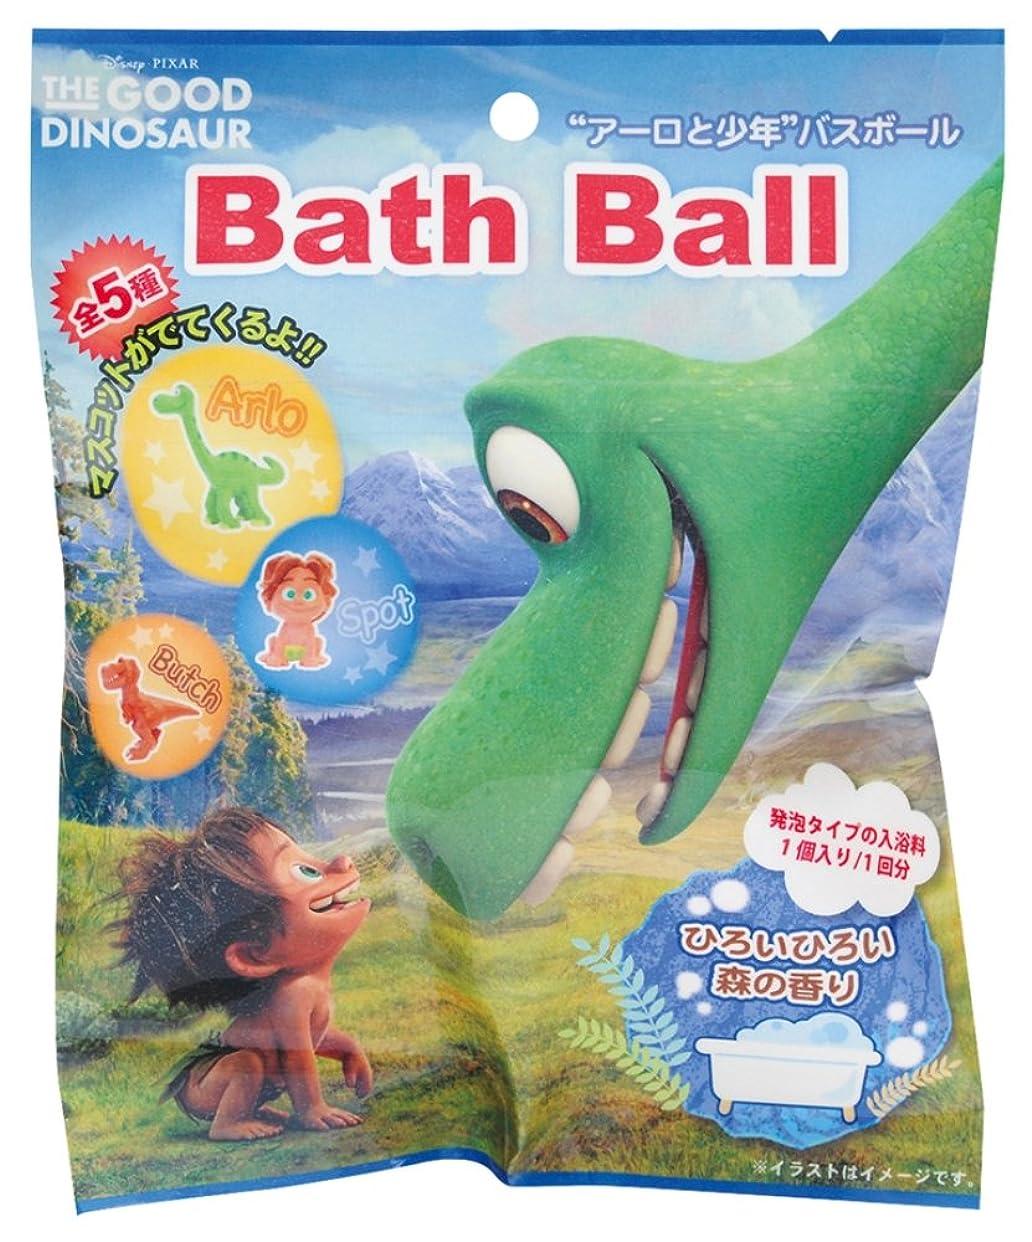 線形パックハードディズニー ピクサー 入浴剤 アーロと少年 バスボール おまけ付き DIP-84-01